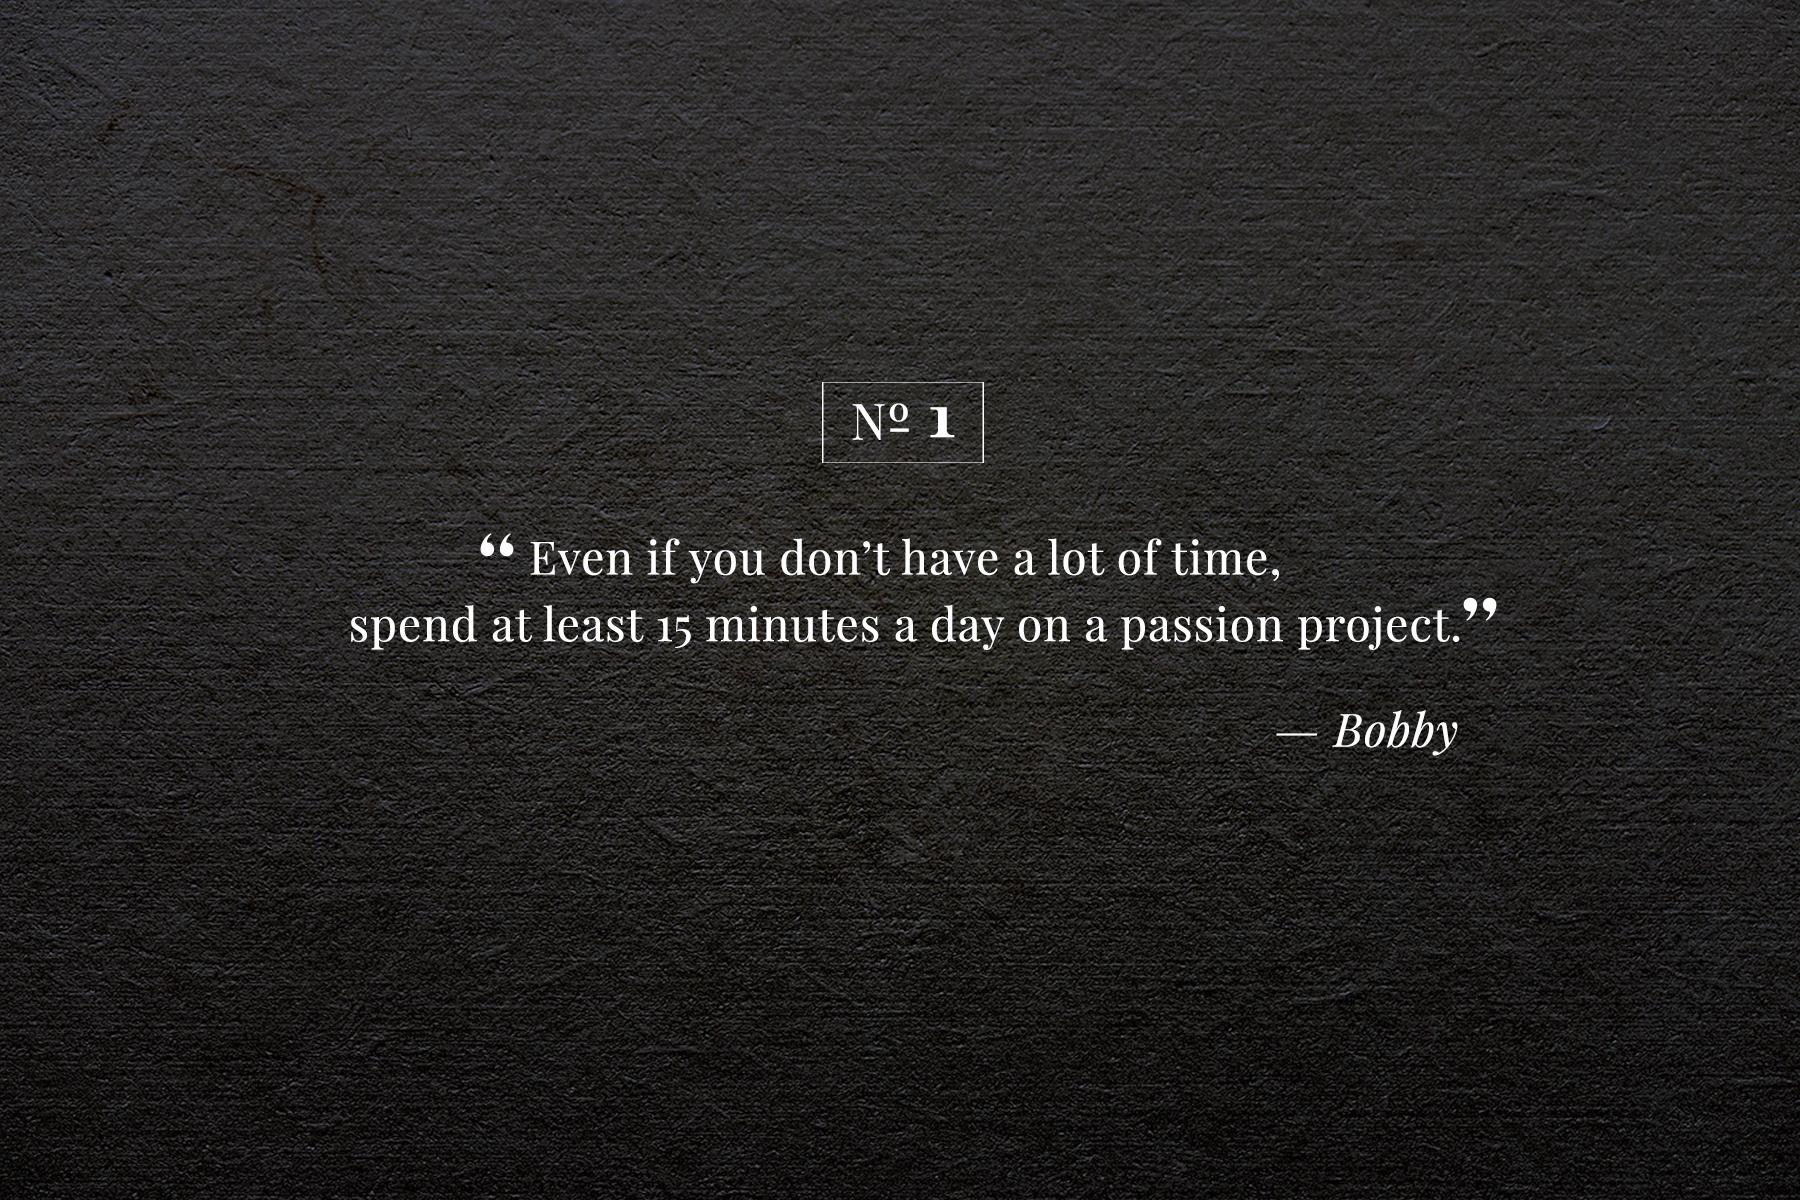 Bobby #1.jpg